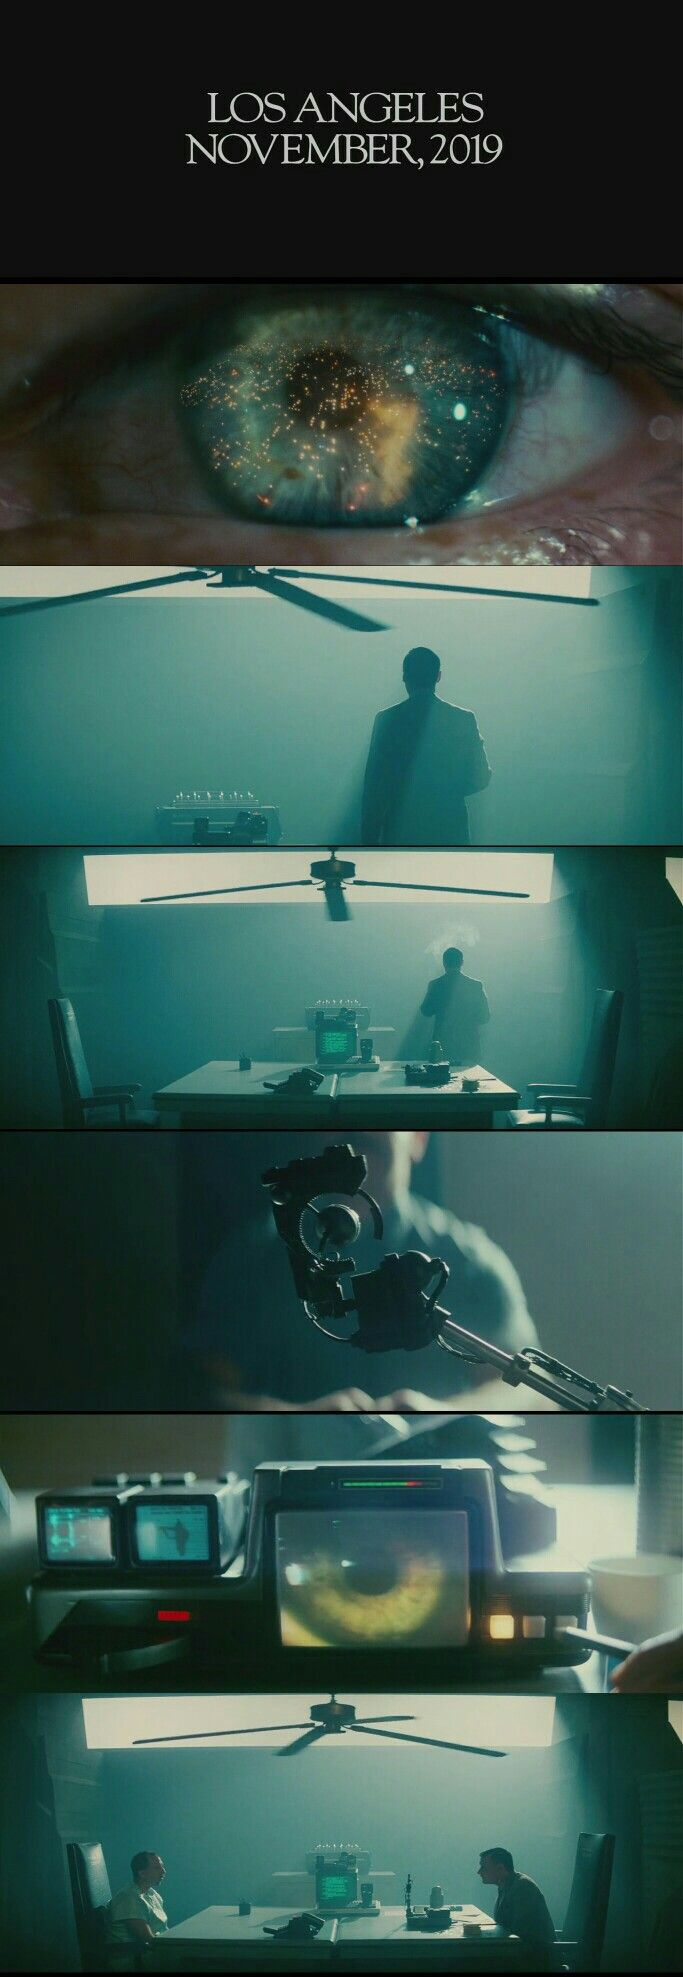 Blade Runner(1982) Opening Scene.